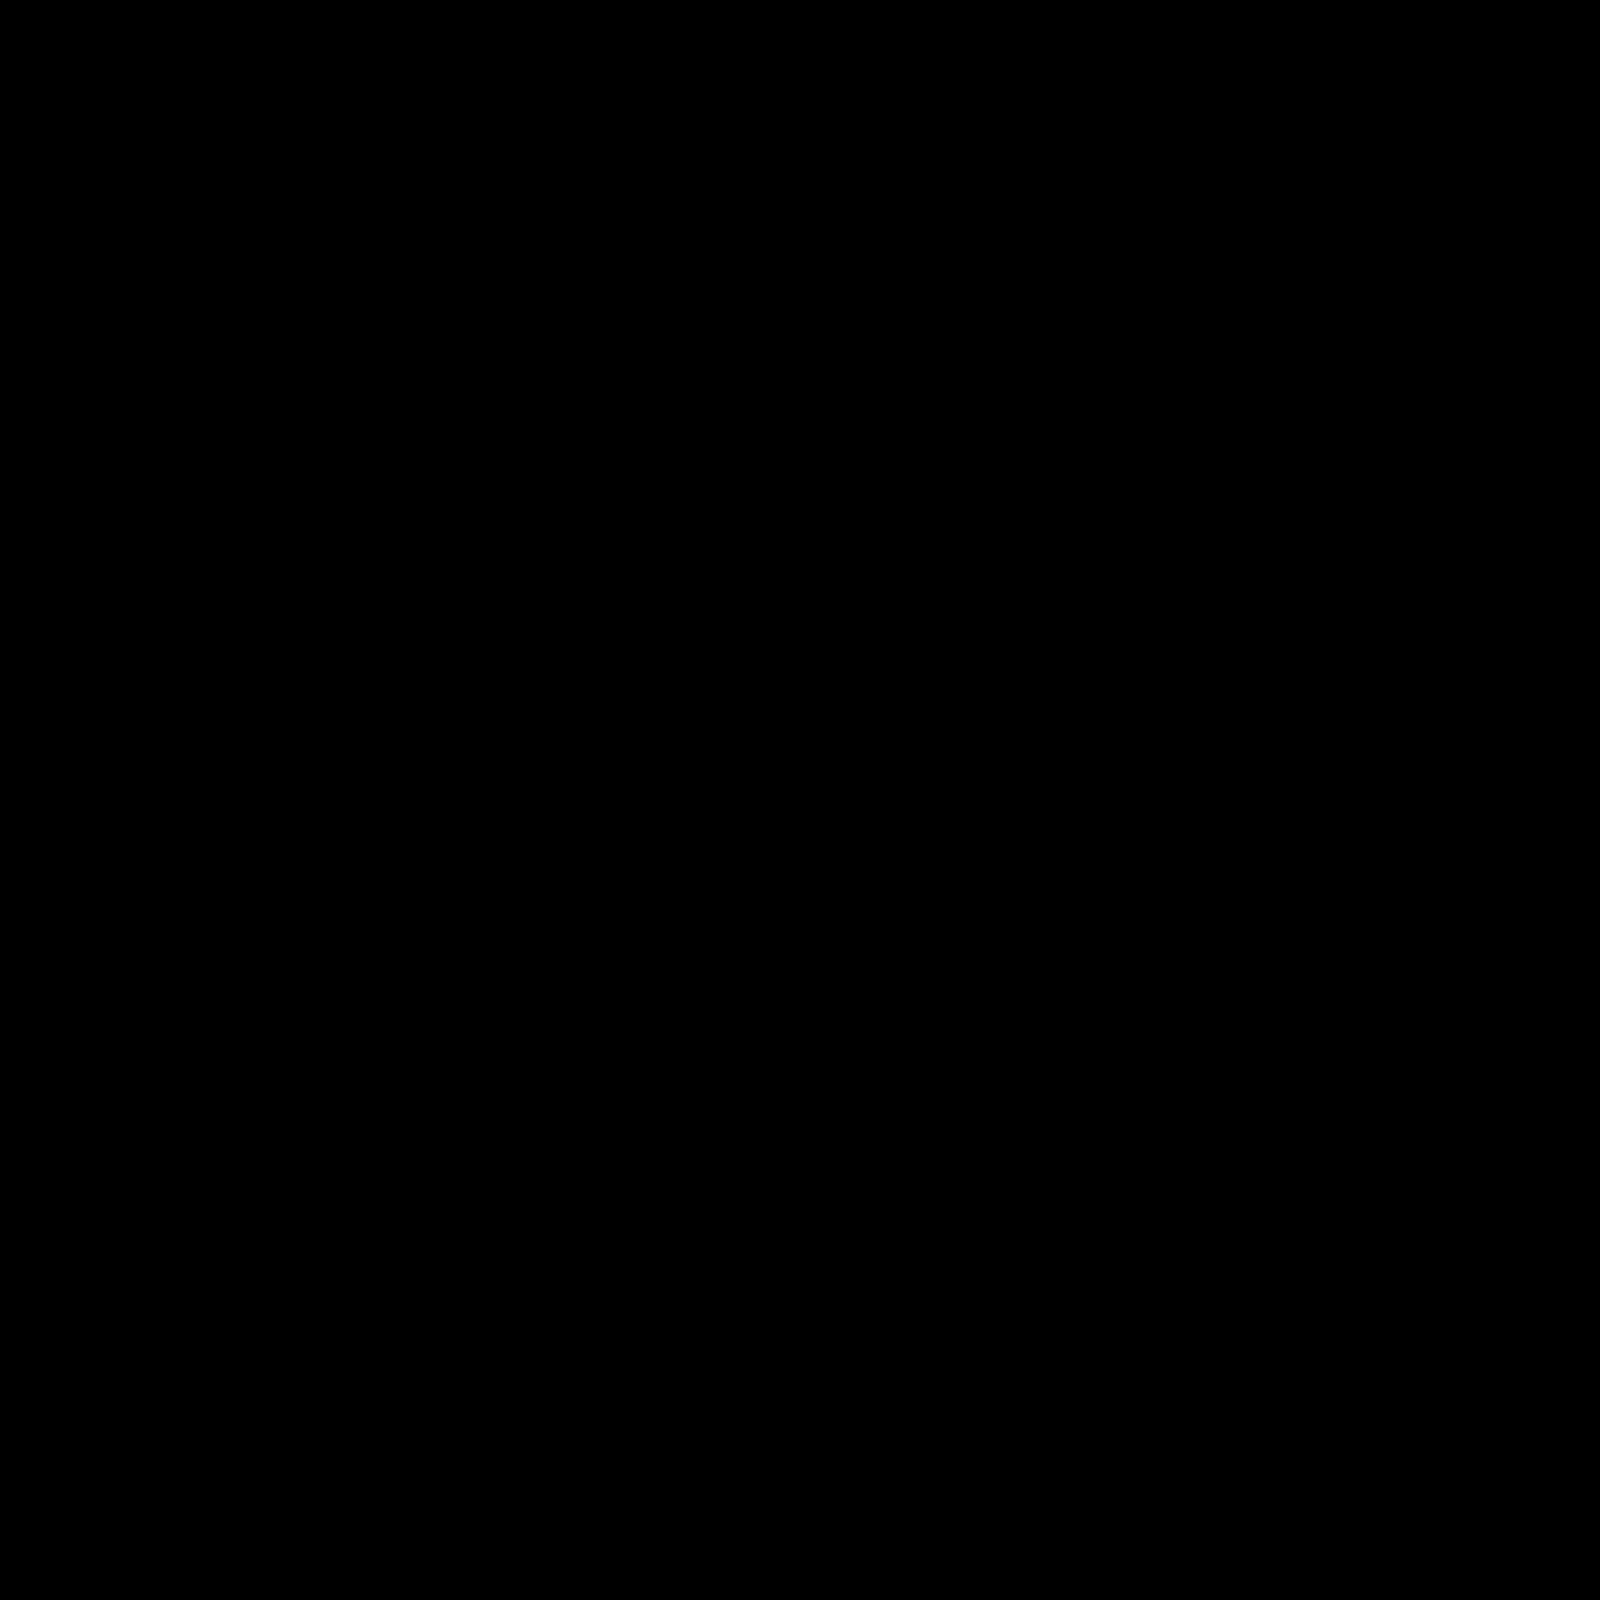 Museu icon